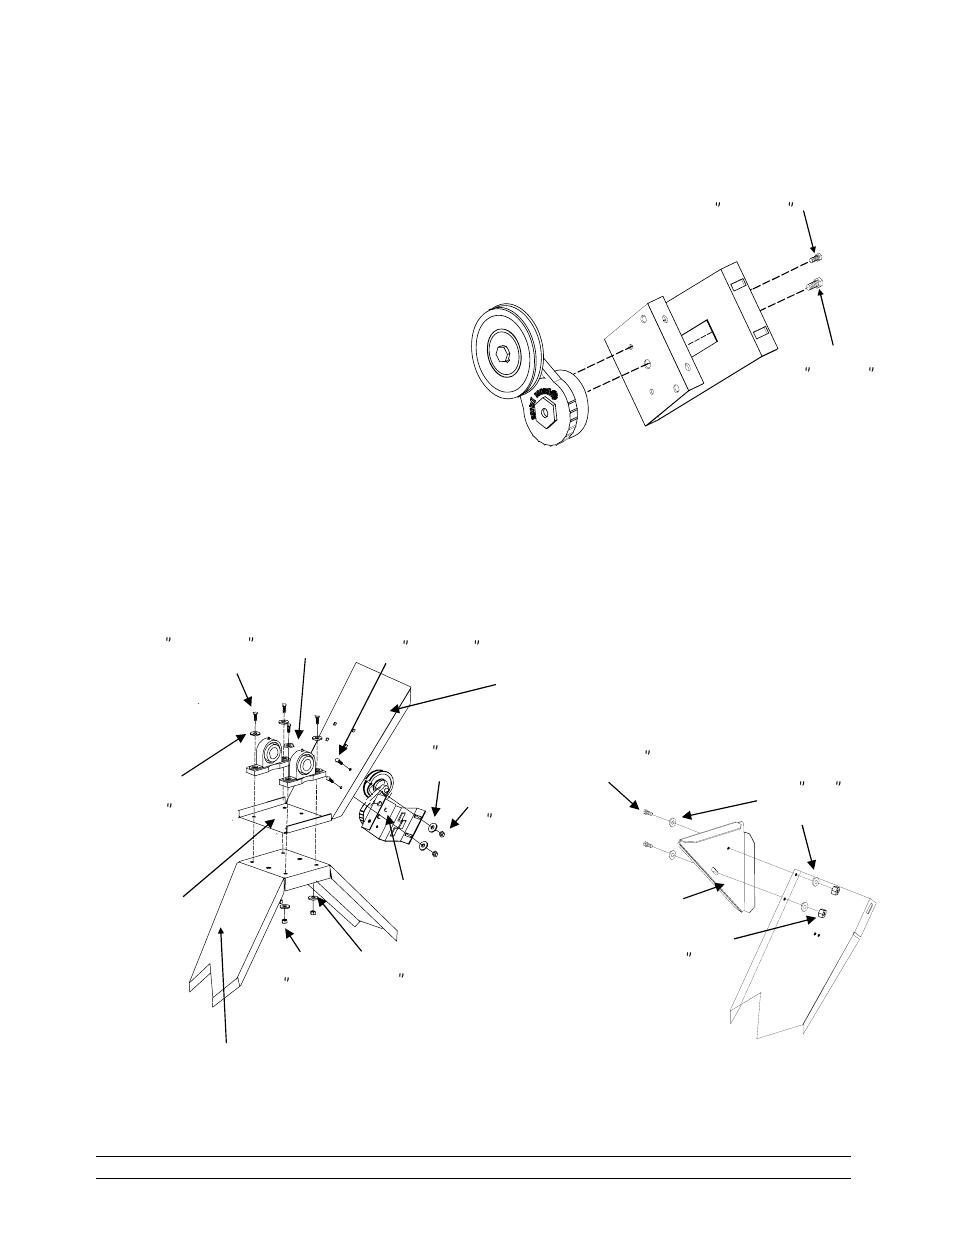 Alluvial Fan And Cone Diagram Manual Guide